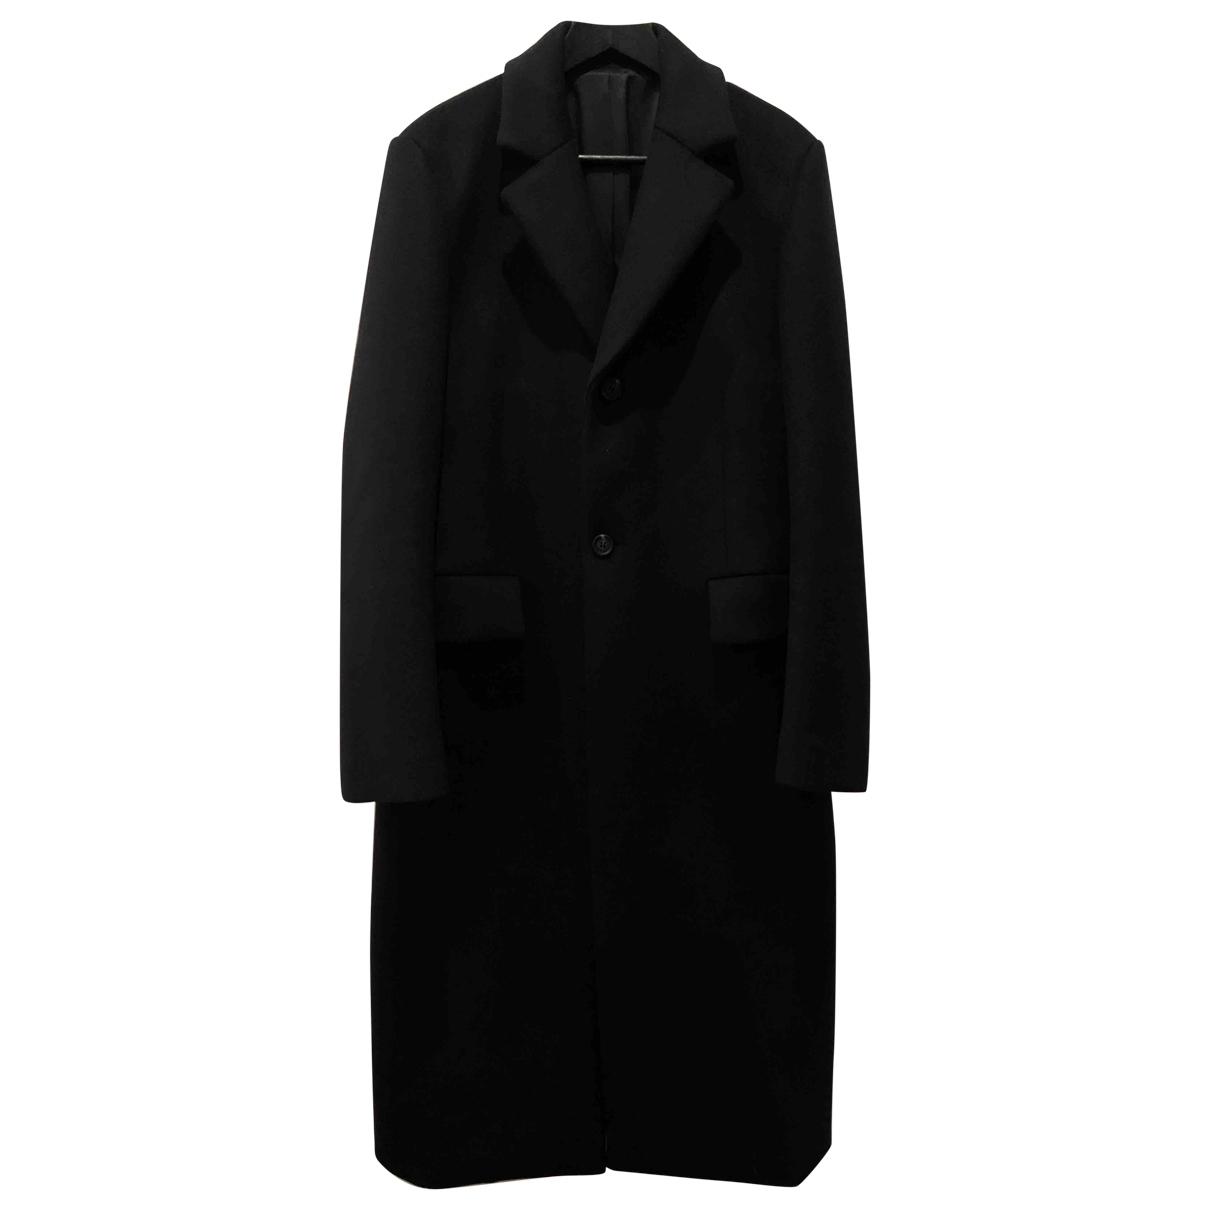 Acne Studios - Manteau   pour homme en cachemire - marine